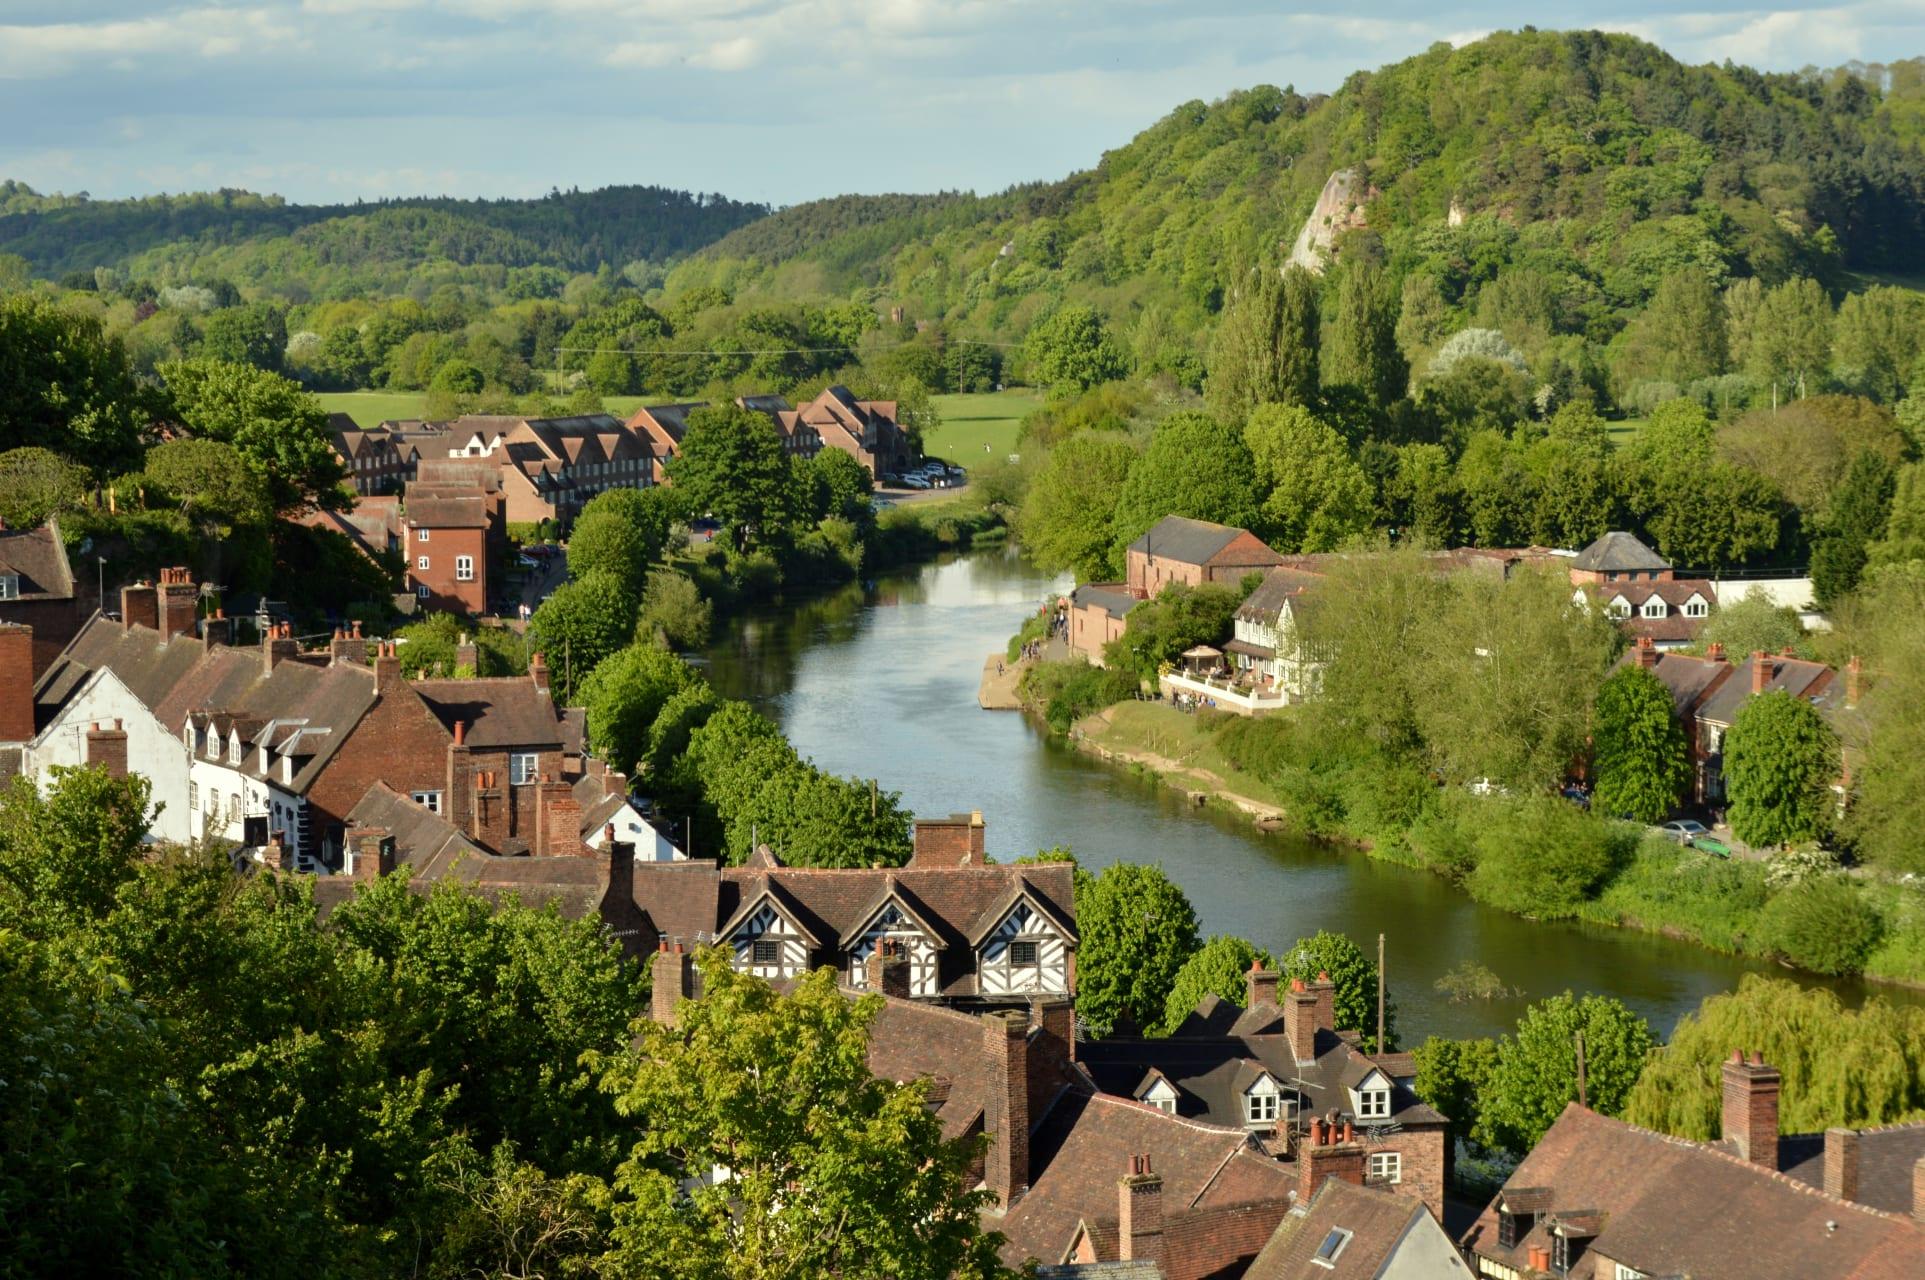 Shropshire - Bridgnorth - The Finest View in the Kingdom